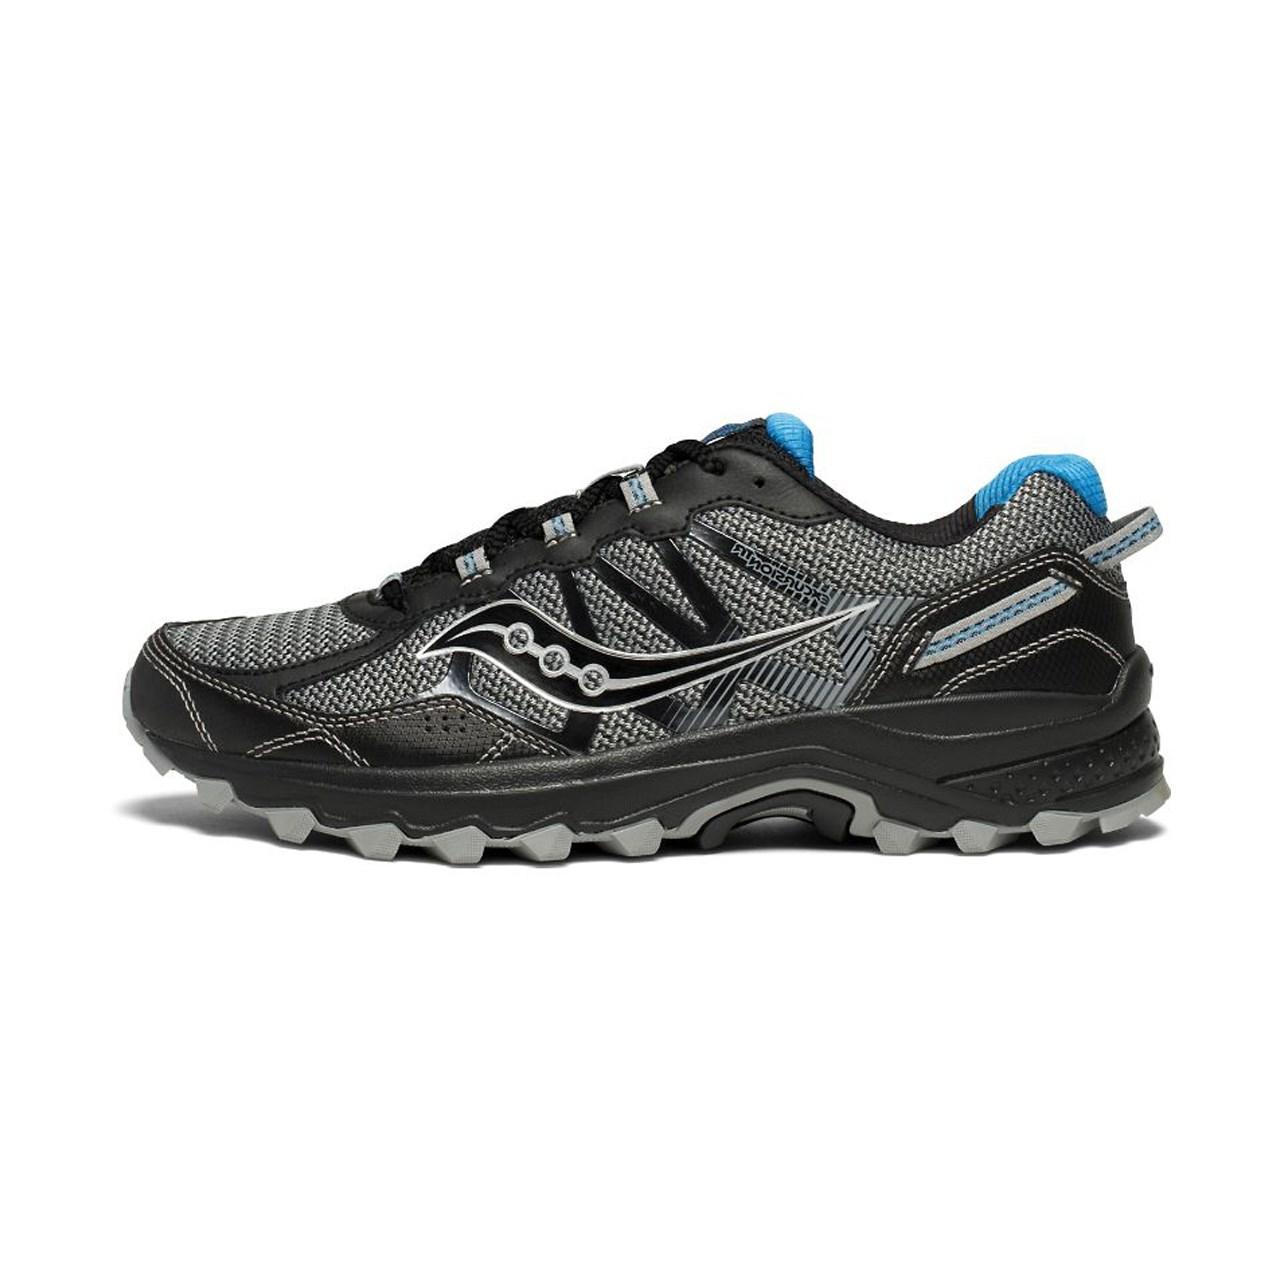 قیمت کفش مخصوص دویدن مردانه ساکنی مدل Excursion TR11 کد S20392-9